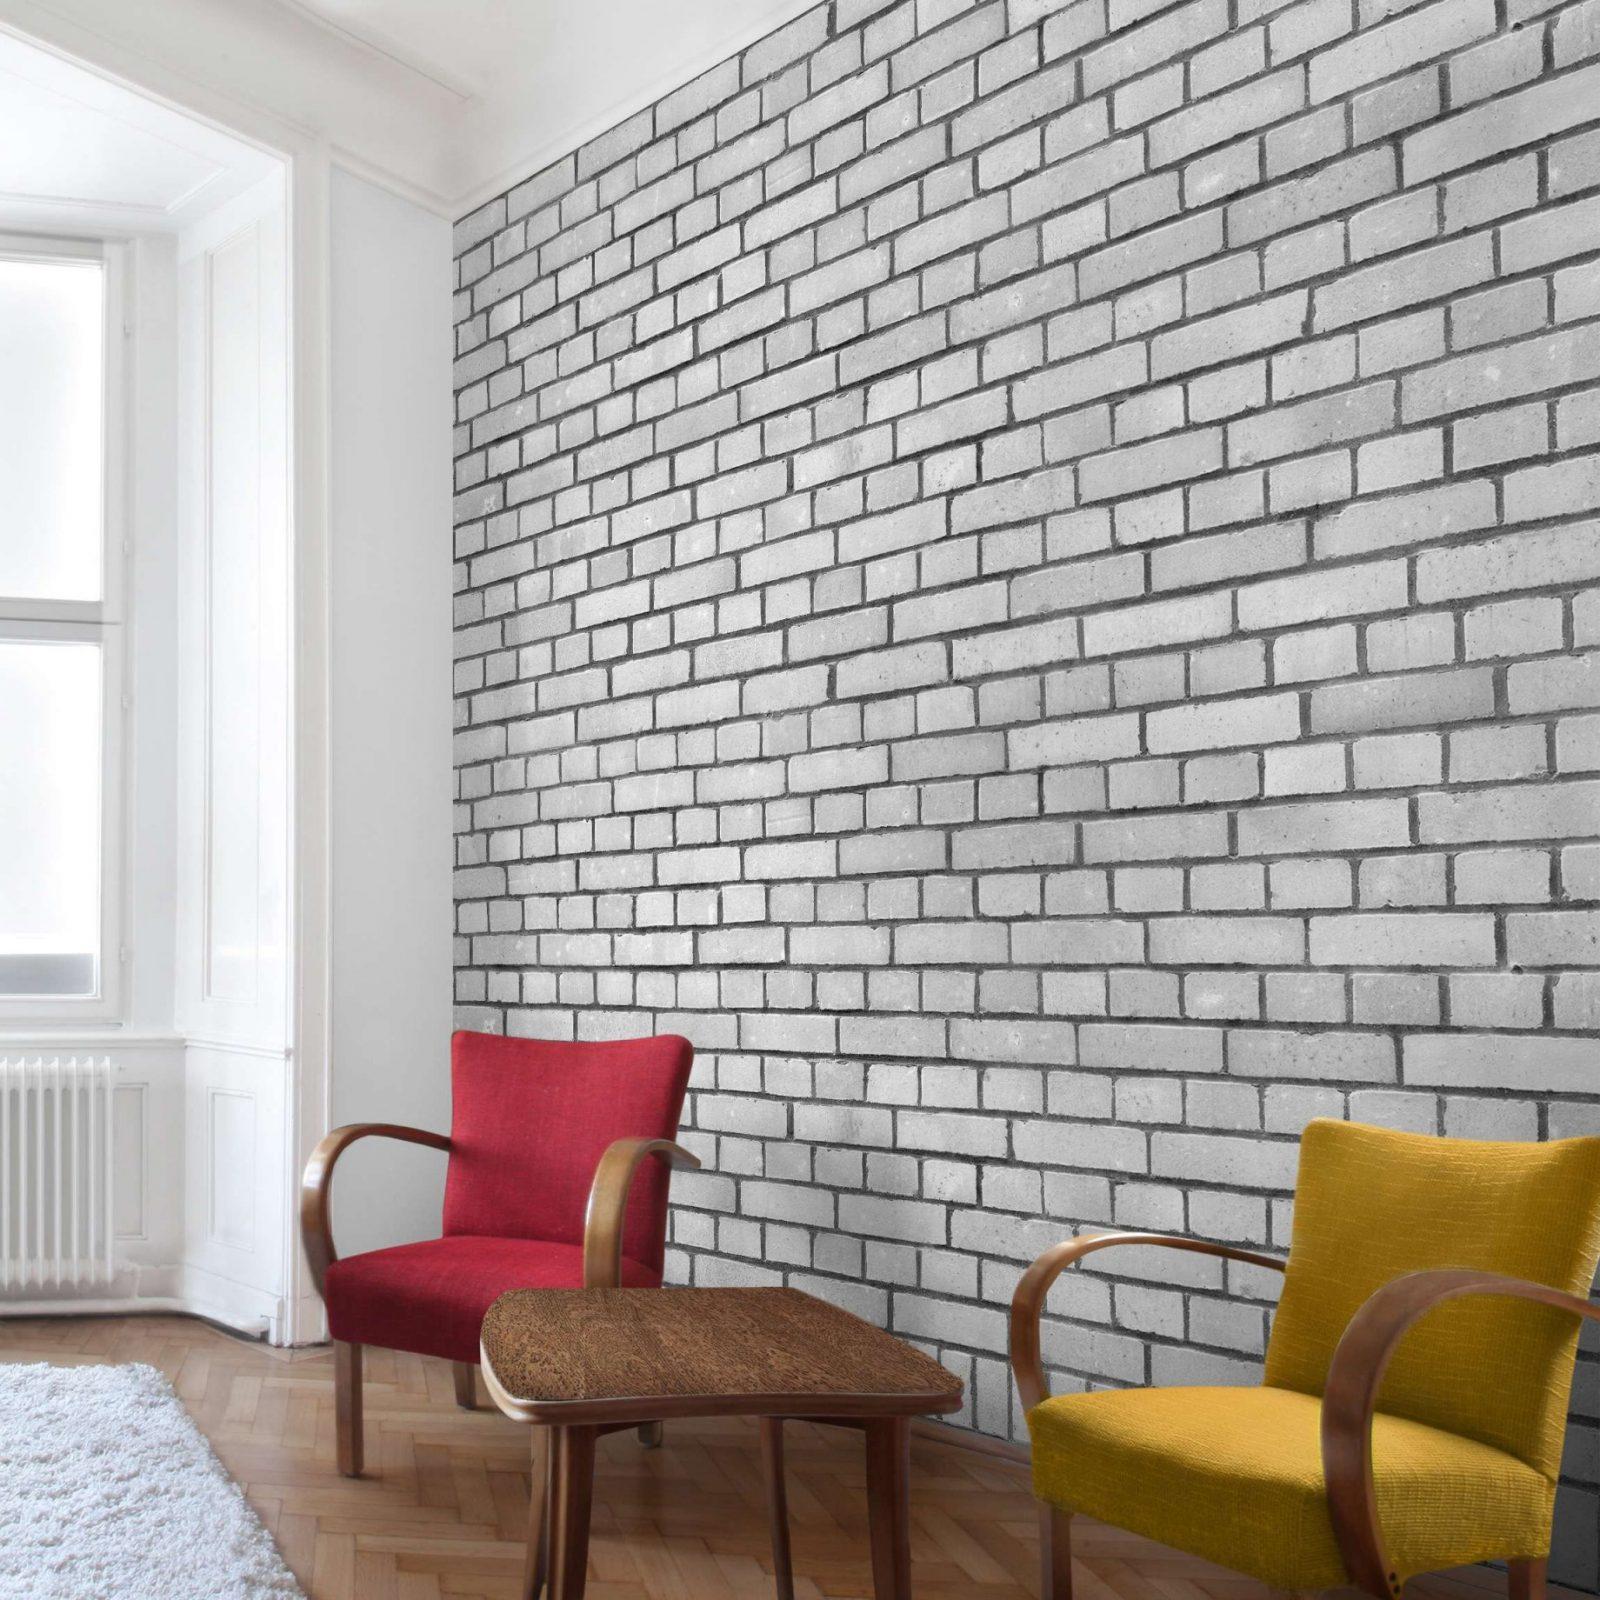 Fototapete  Weiße Backstein Mauer  Vlies Fototapete Quadrat von Tapete In Steinoptik Wohnzimmer Photo